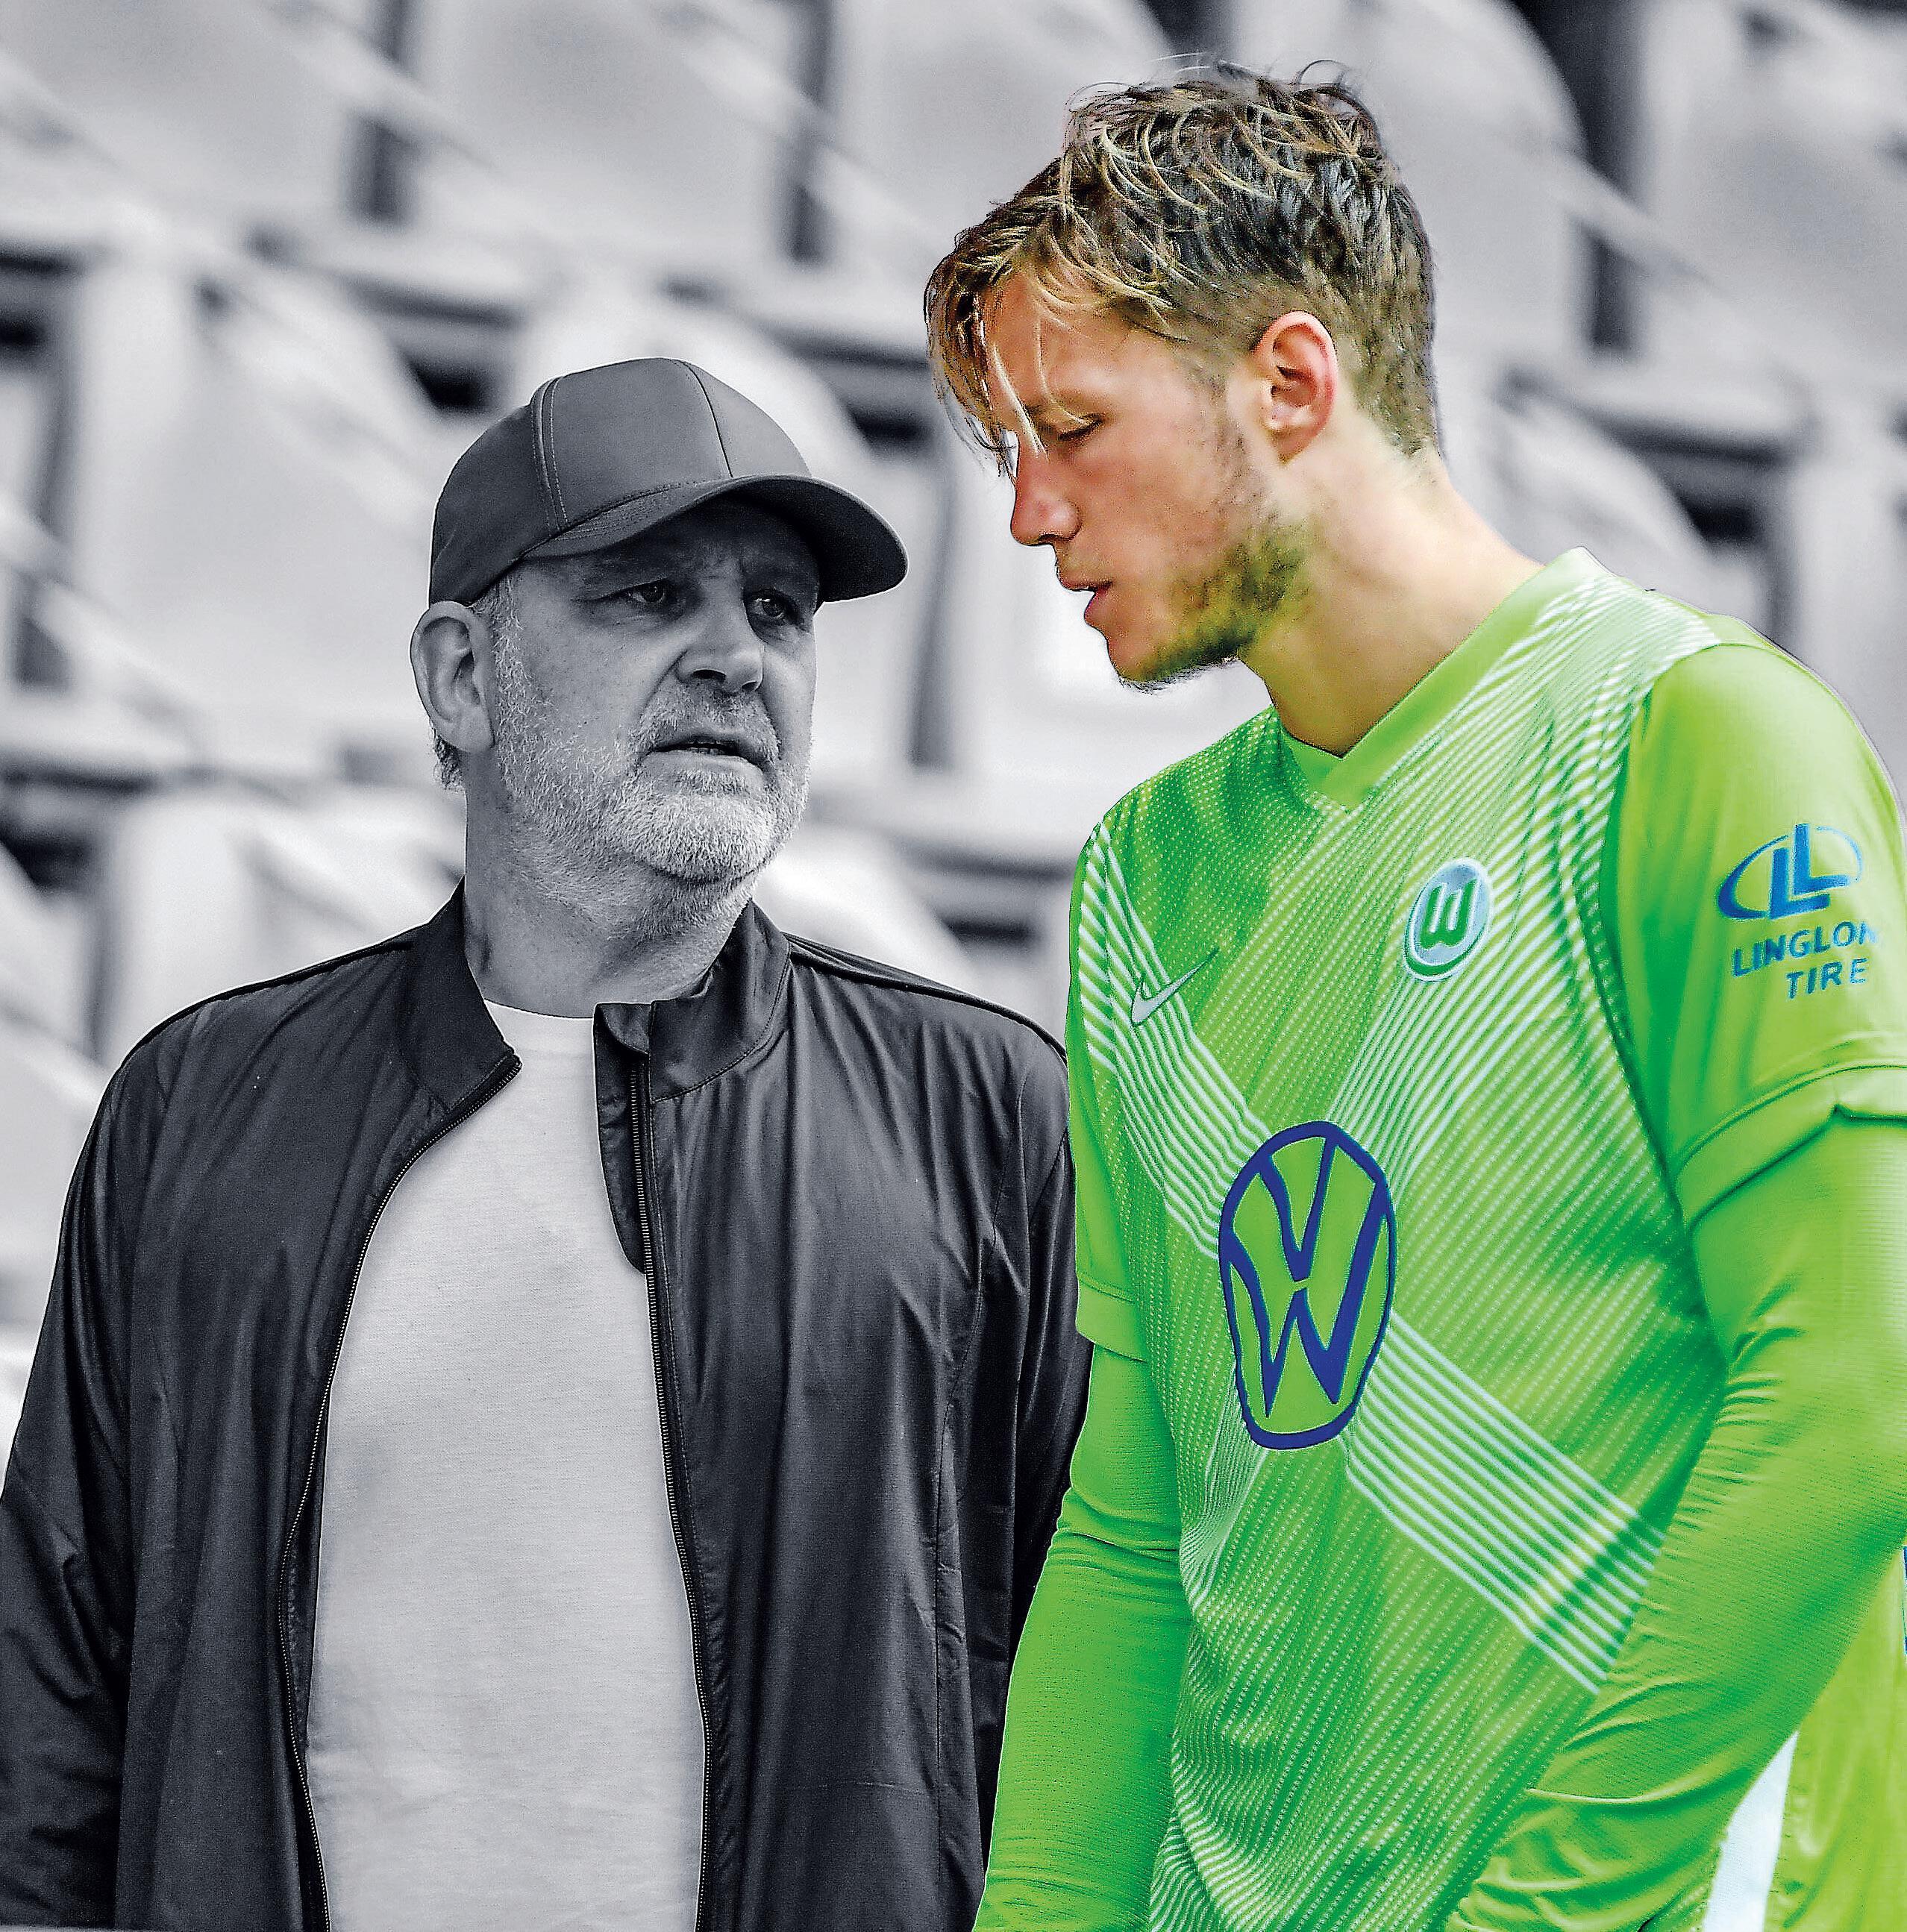 Mehr Tore: Wout Weghorst erzielte in der vergangenen Saison 16 der 48 Wolfsburger Bundesliga-Treffer. Manager Jörg Schmadtke wünscht sich für die neue Spielzeit insgesamt mindestens 15 Tore mehr von der Mannschaft